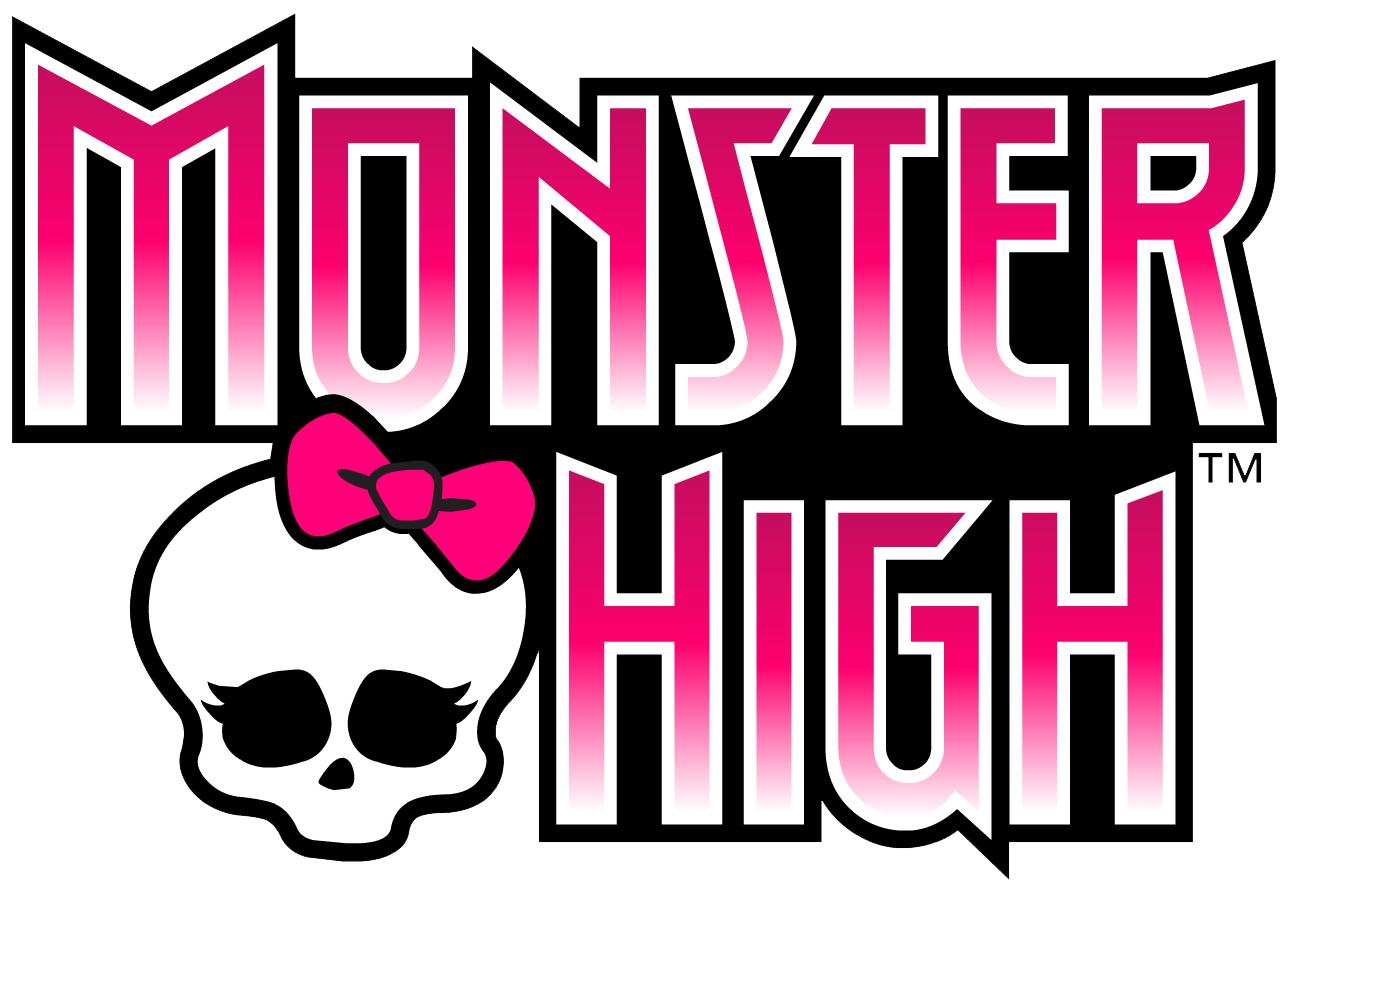 monster high png logo #3146